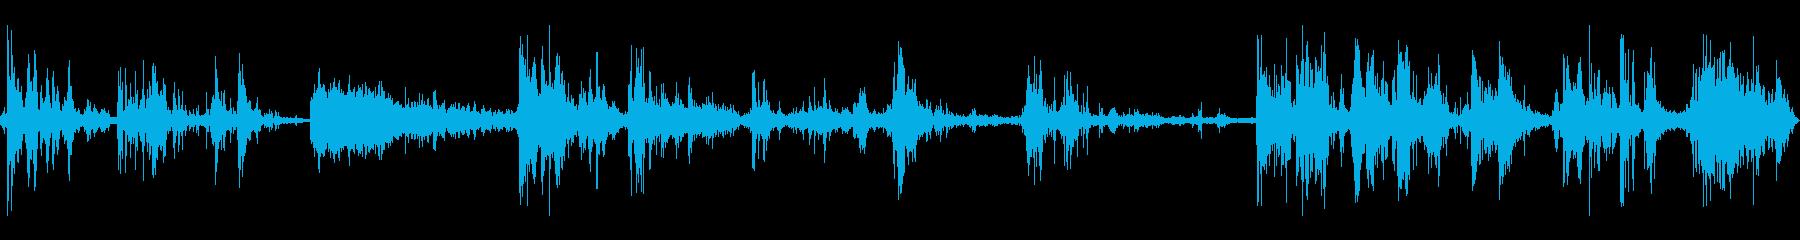 カミナリ(遠雷)の再生済みの波形